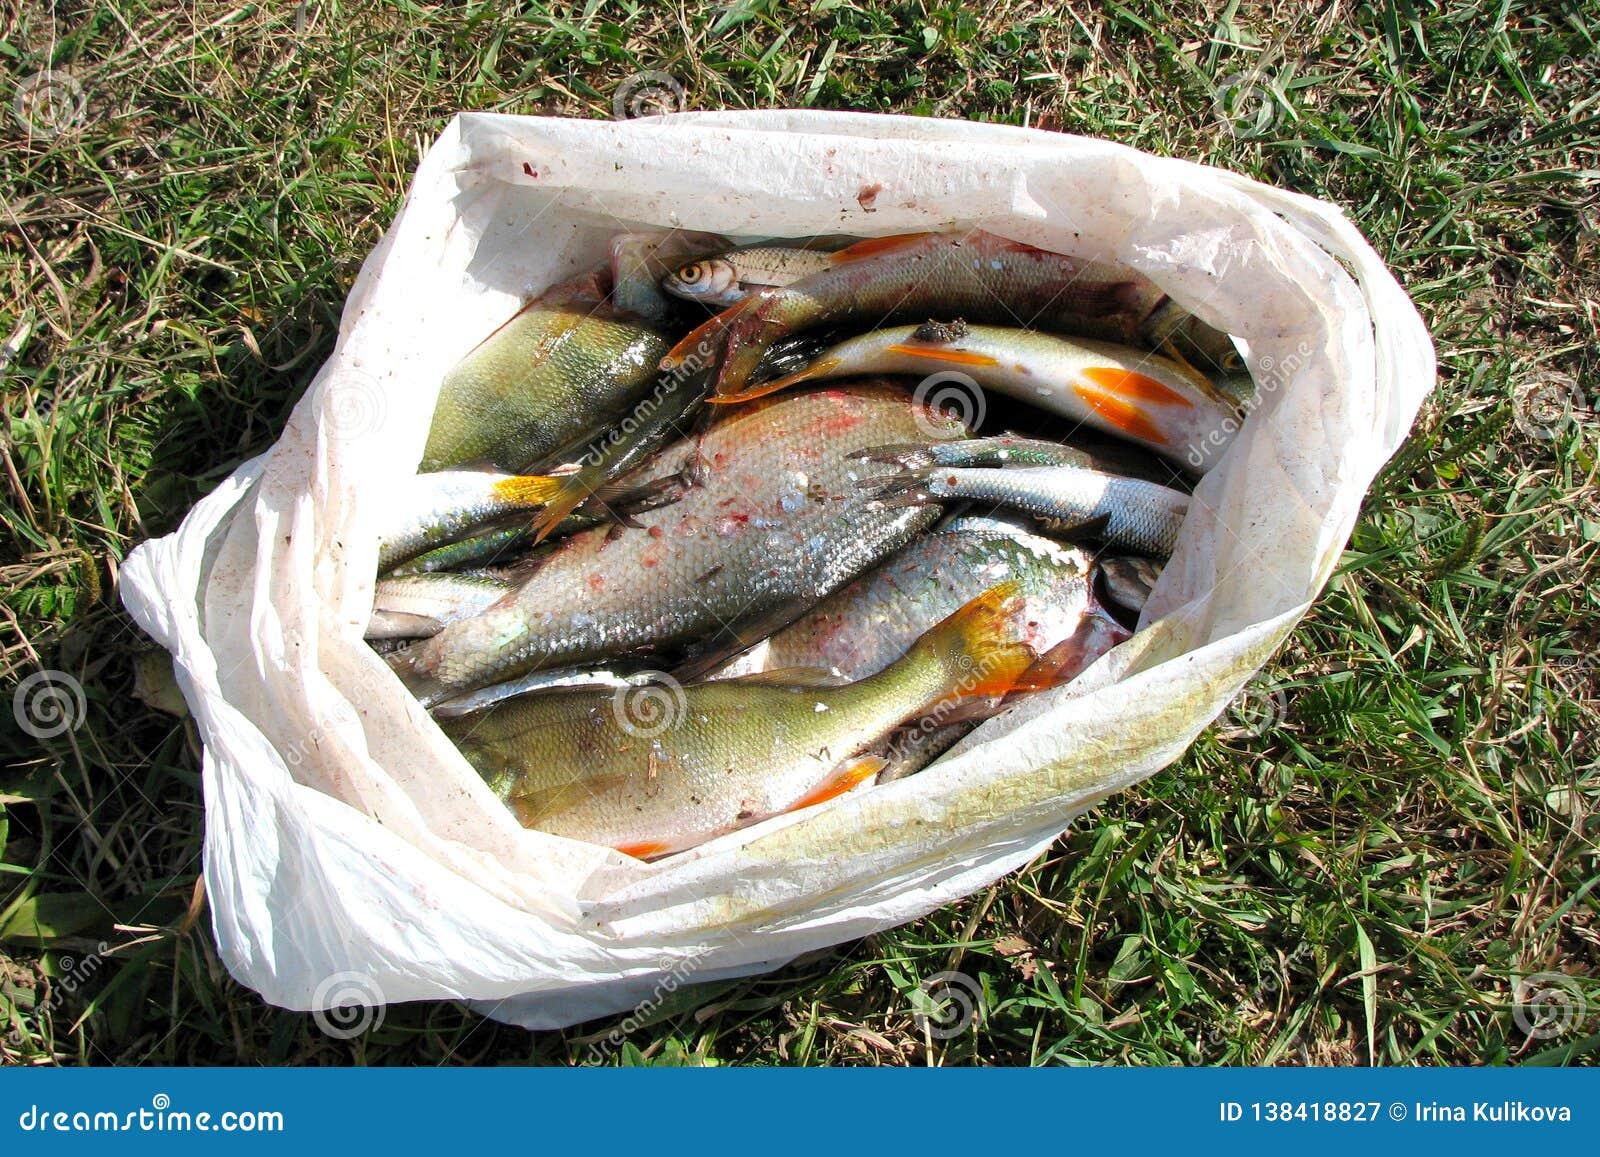 Dużo świeżo łapiąca rzeki ryba w plastikowym worku kłamają na ziemi w trawie pod światłem słonecznym Słodkowodna ryba